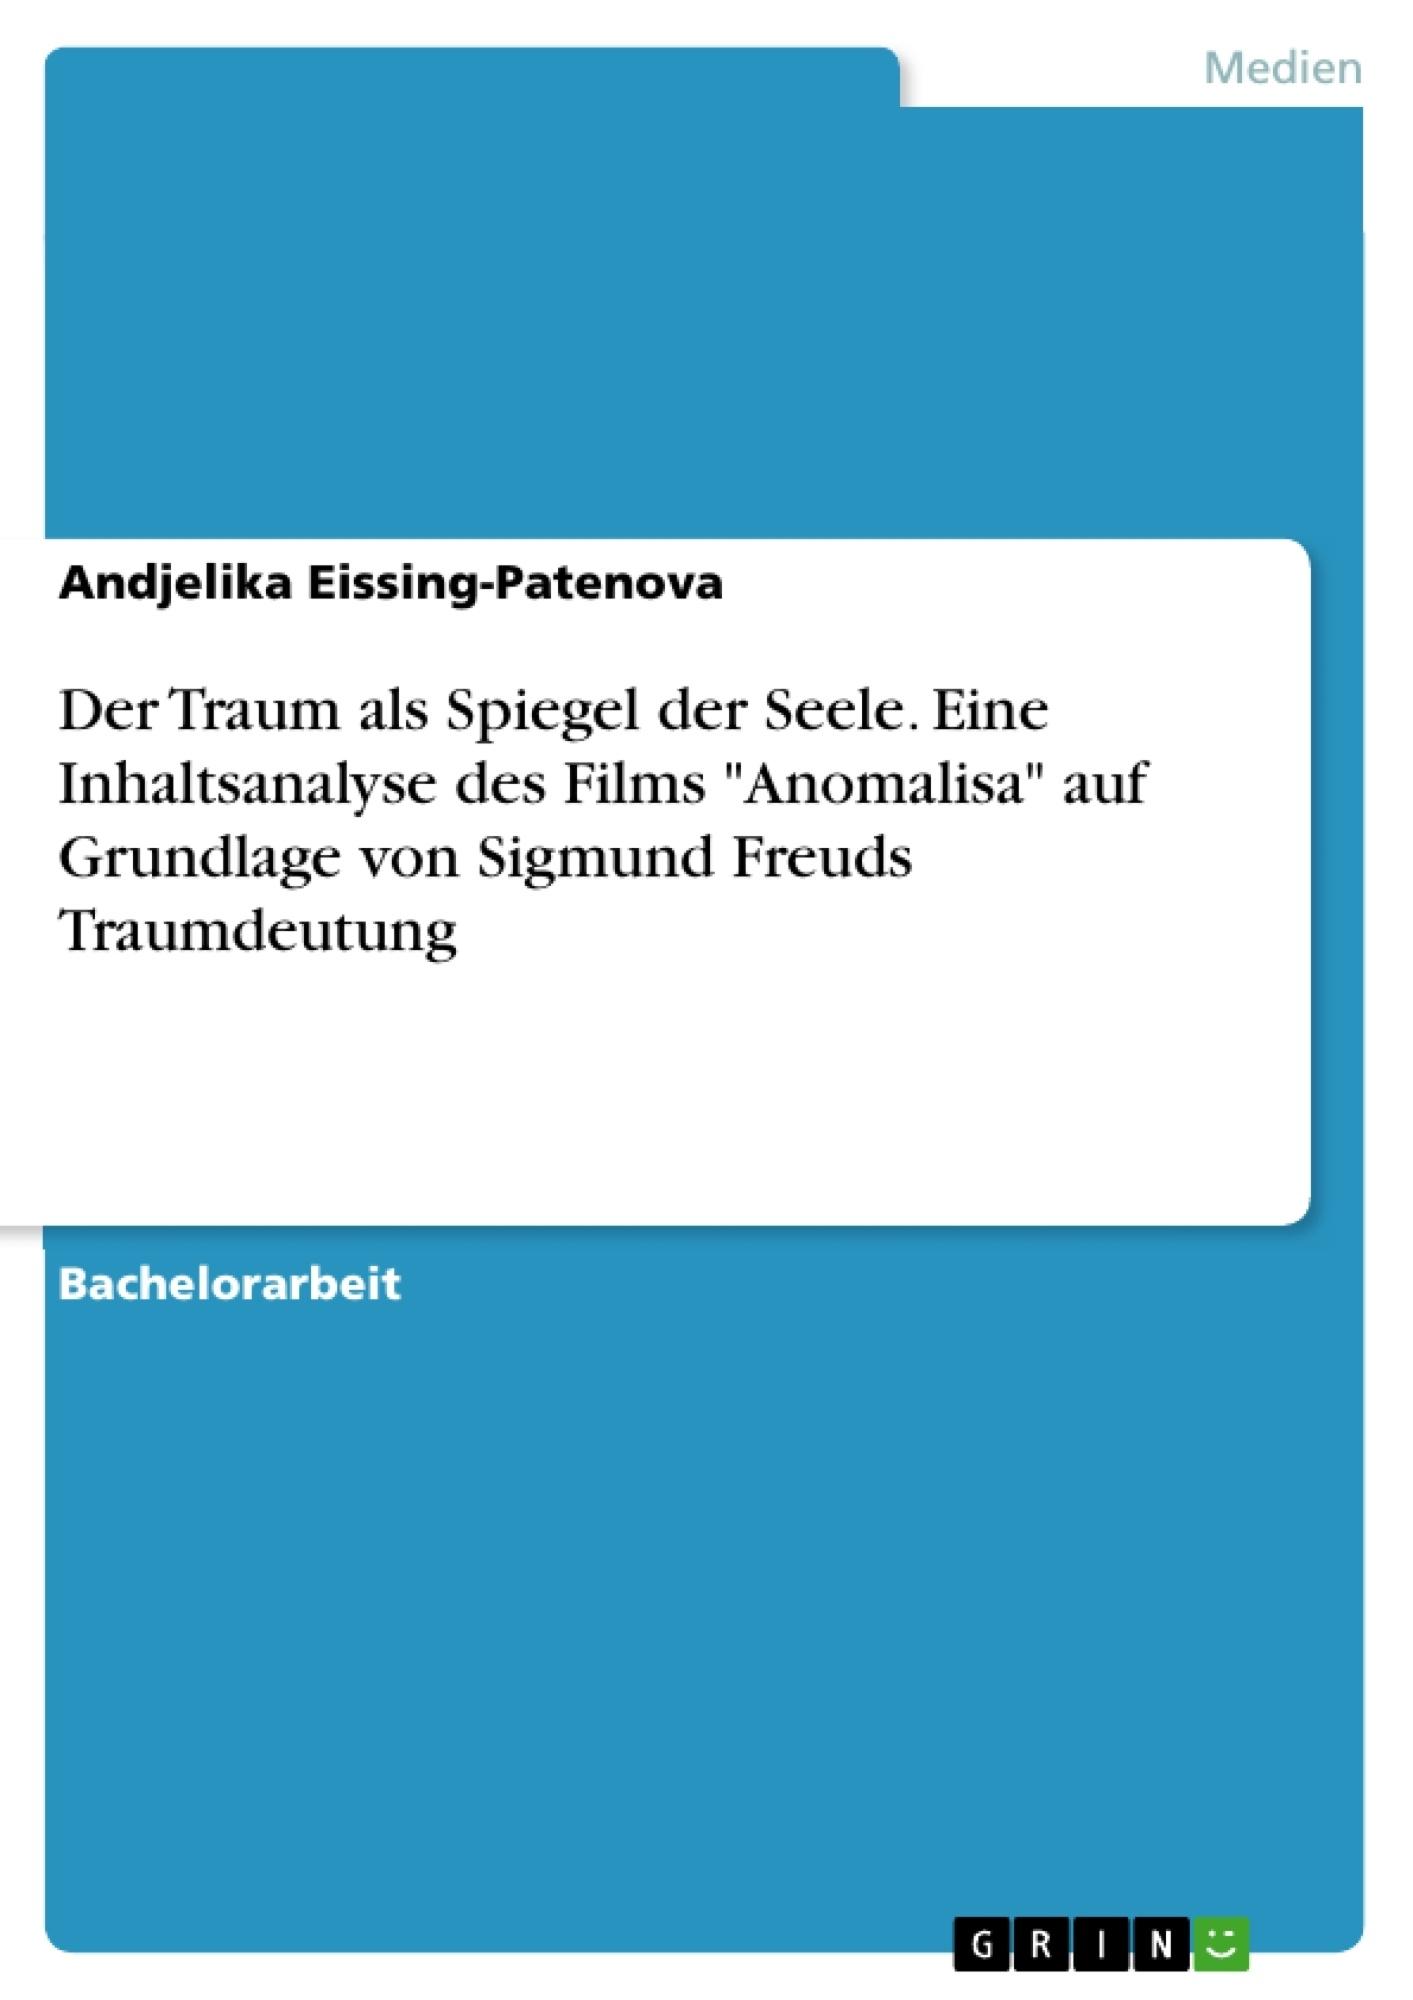 """Titel: Der Traum als Spiegel der Seele. Eine Inhaltsanalyse des Films """"Anomalisa"""" auf Grundlage von Sigmund Freuds Traumdeutung"""